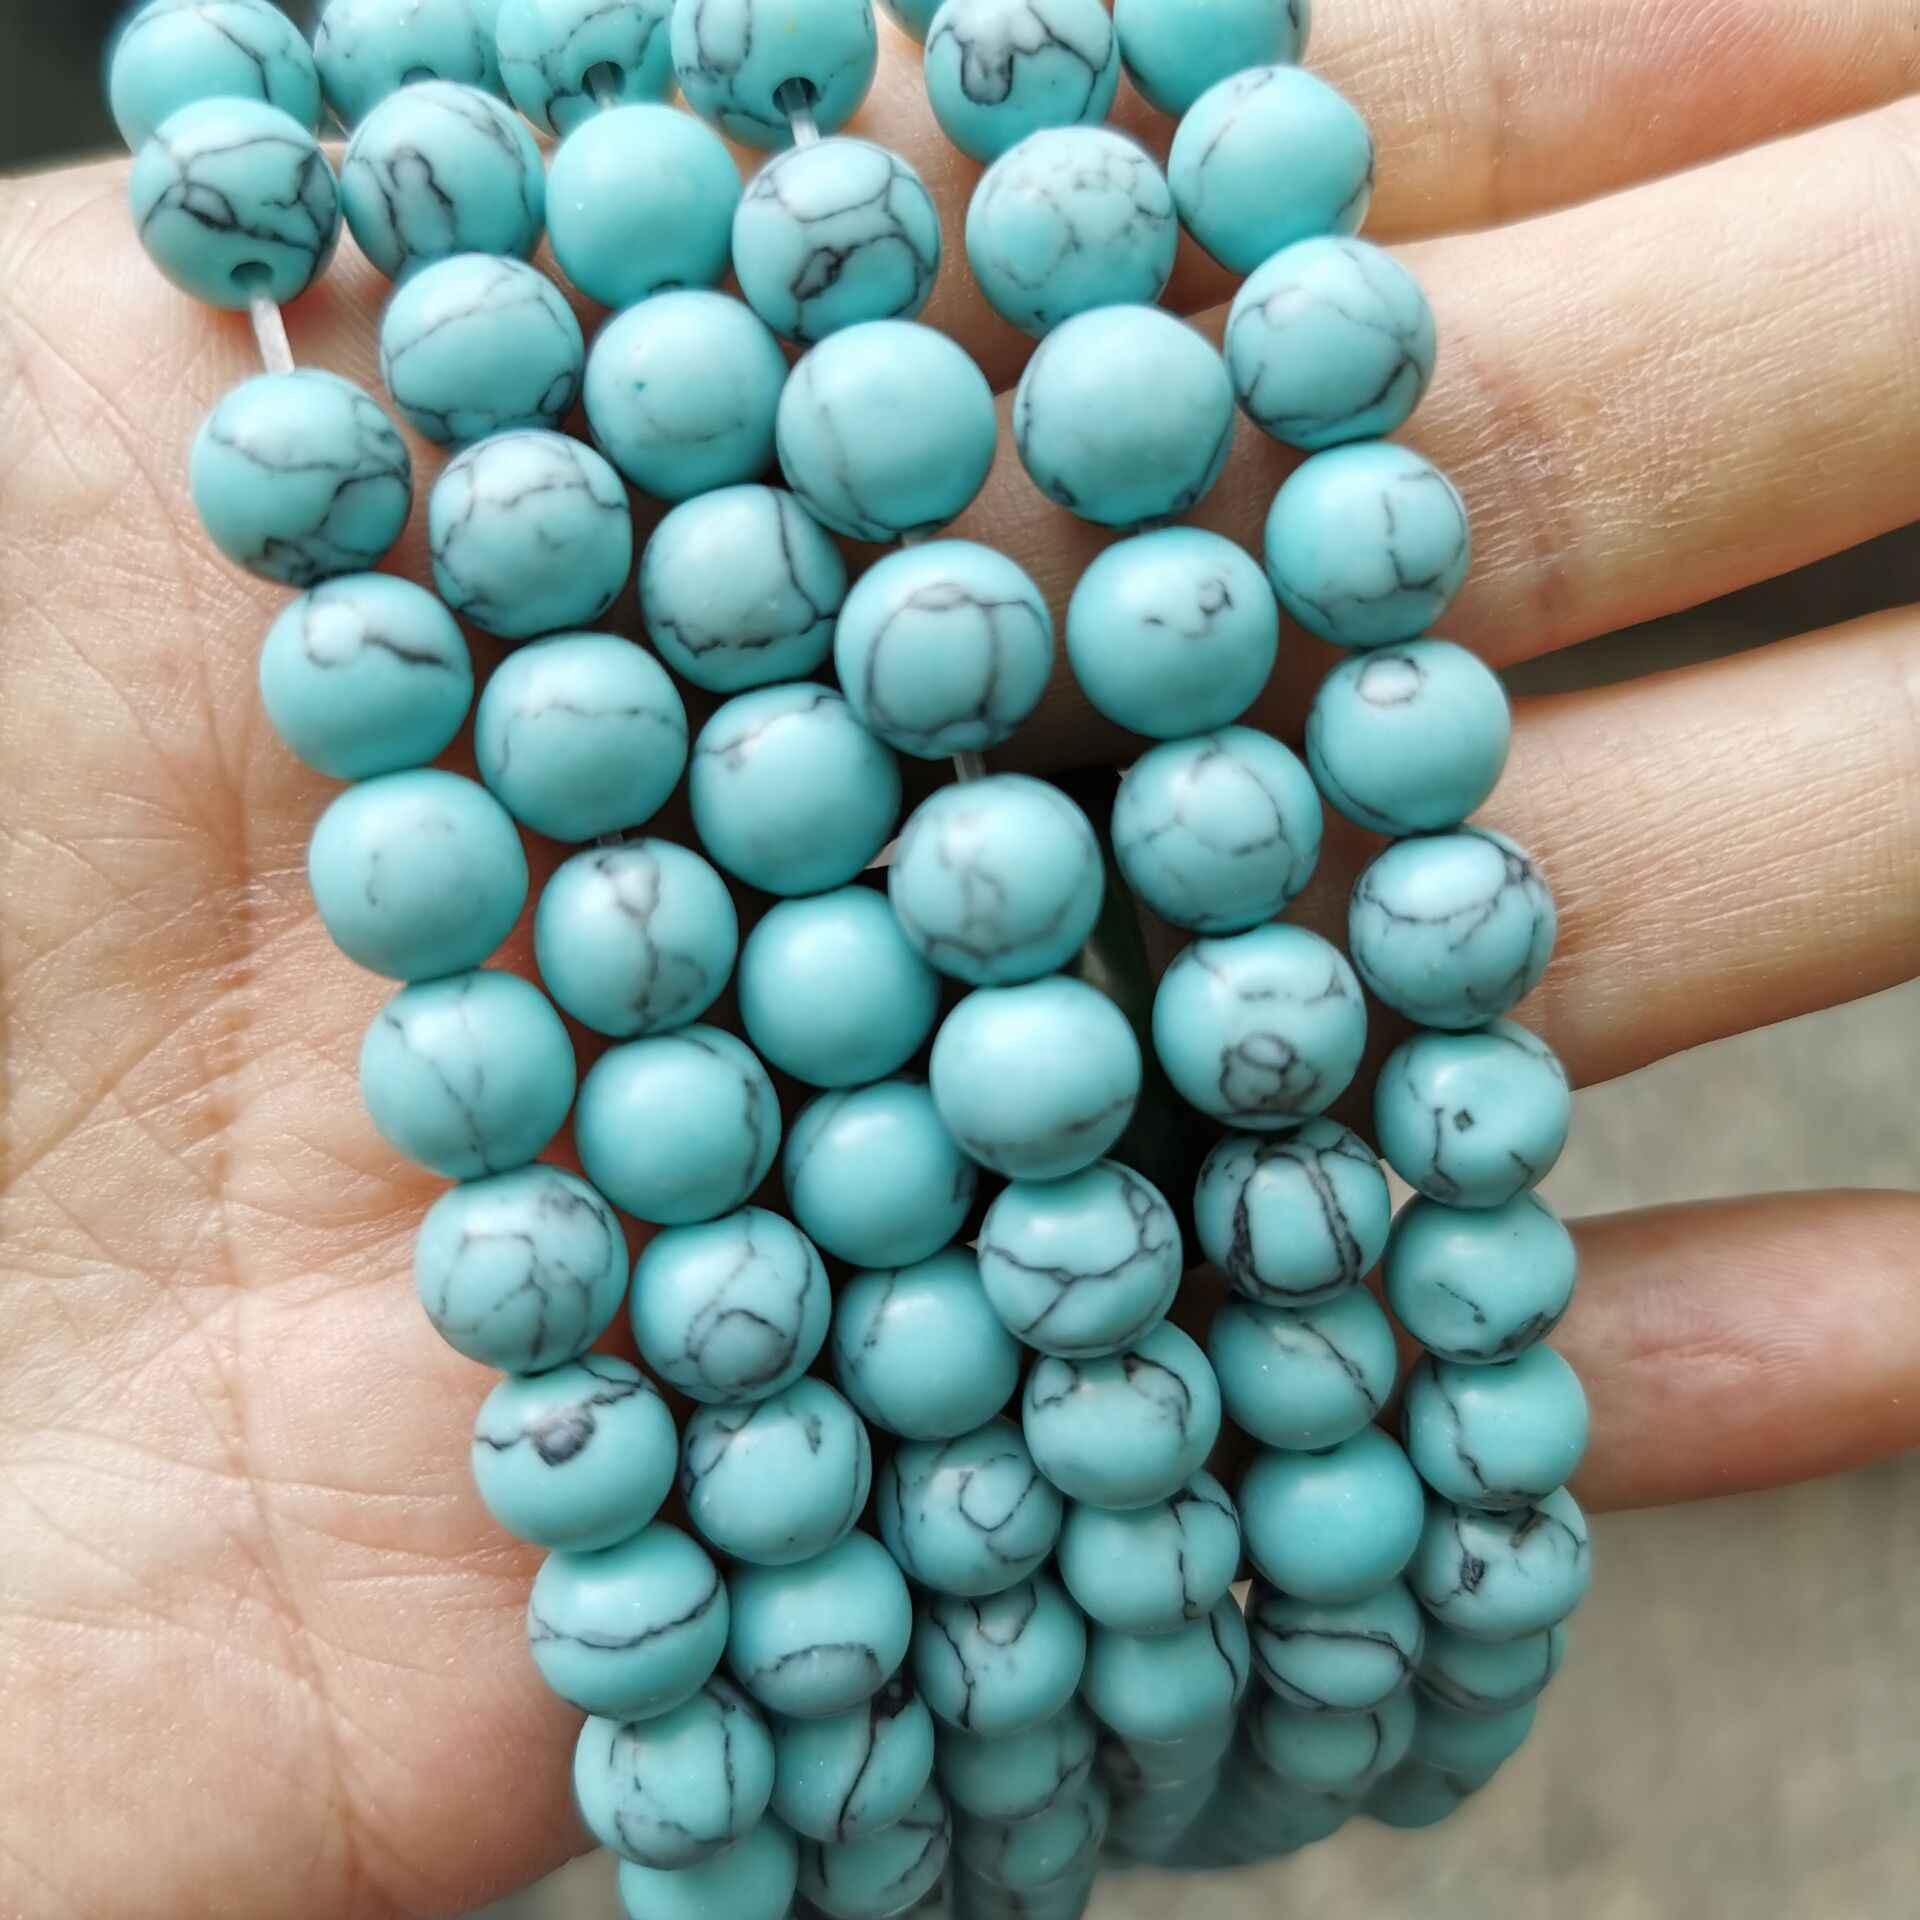 """السلس الحجر الطبيعي الأبيض الأزرق نورس الأسود الفيروز جولة فضفاض الخرز 15 """"ستراند 4 6 8 10 12 مللي متر اختيار حجم لصنع المجوهرات"""